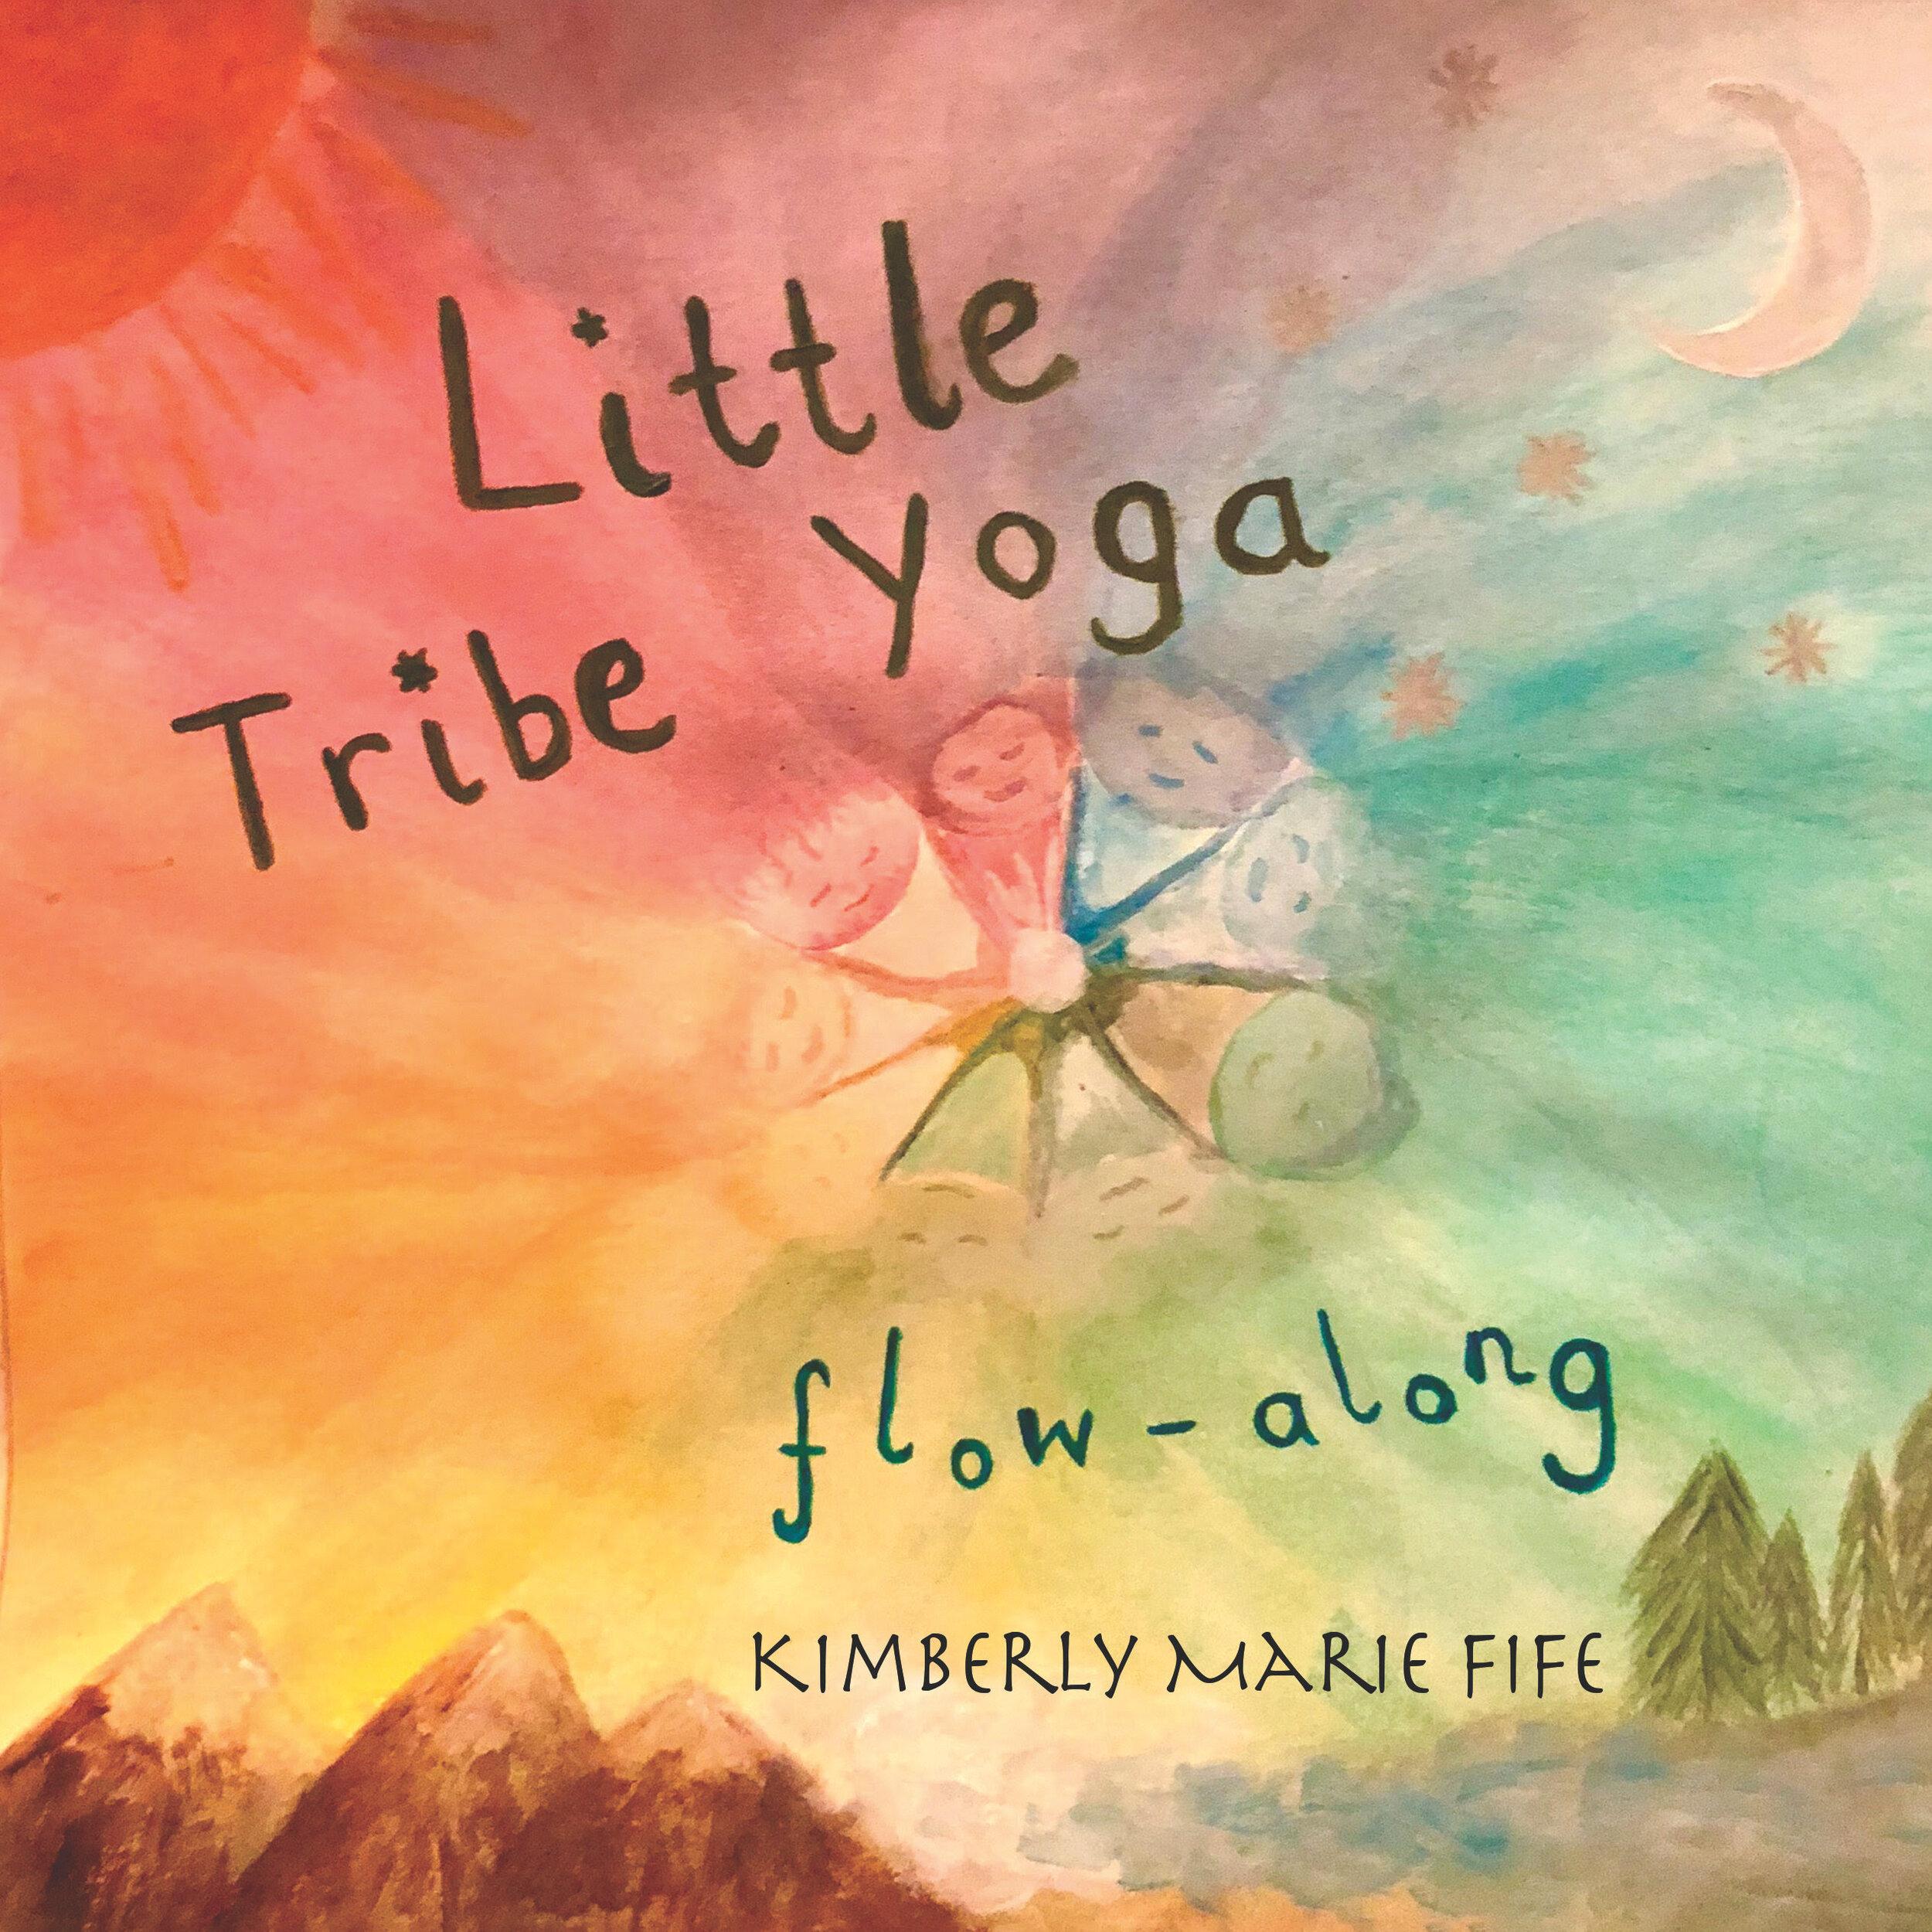 Parfait_Please_little_tribe_yoga_book_launch.jpg